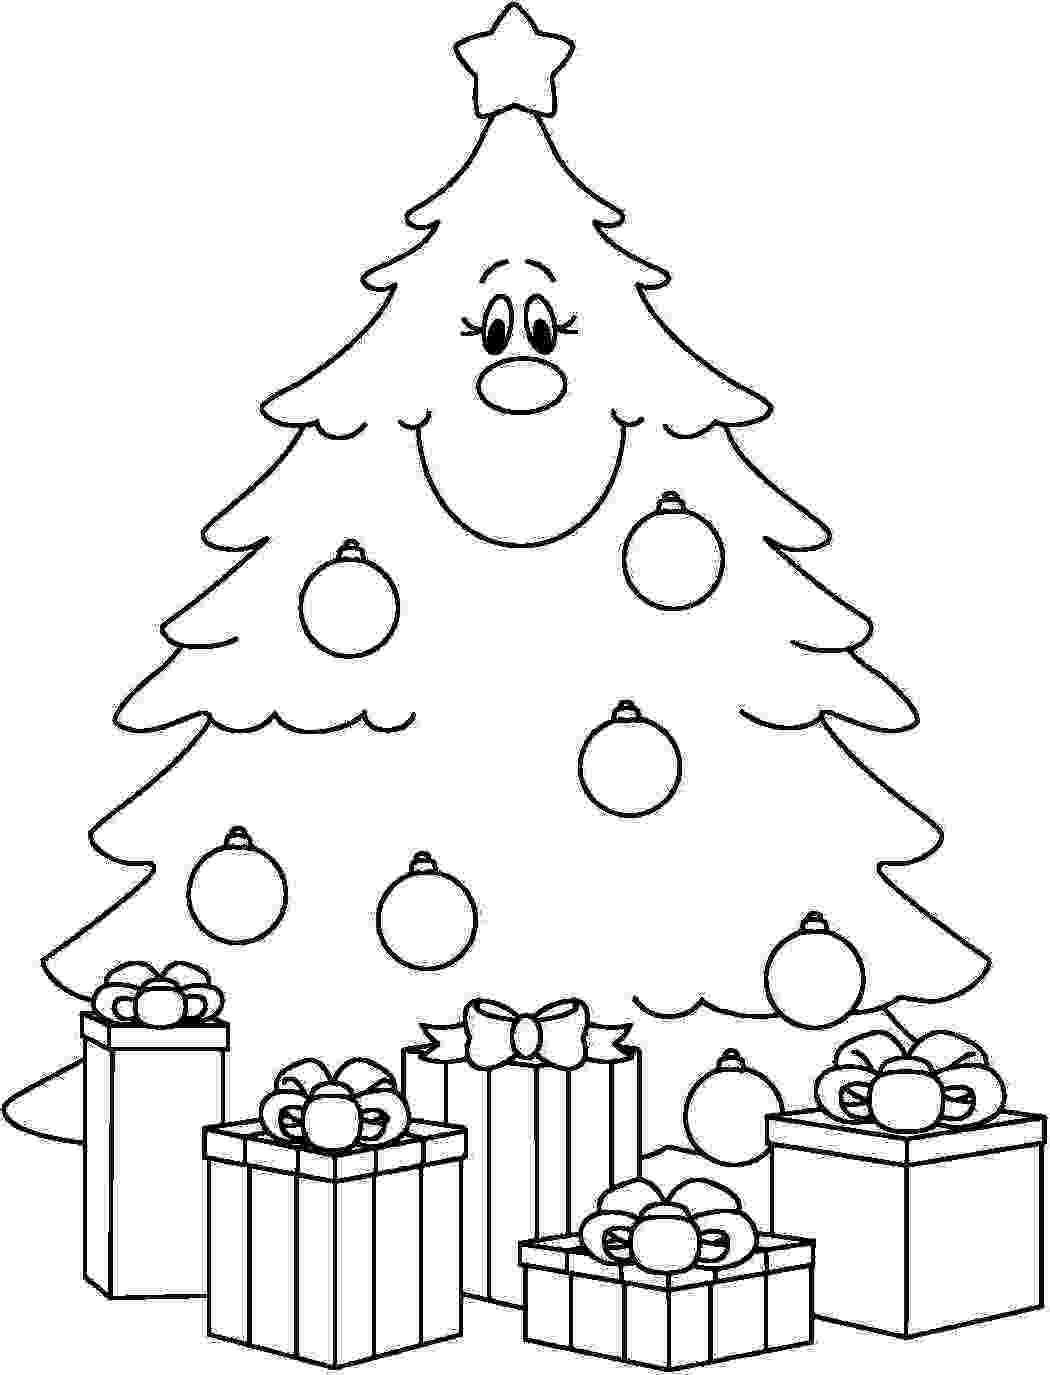 colouring pages christmas tree christmas tree coloring page skip to my lou tree pages colouring christmas